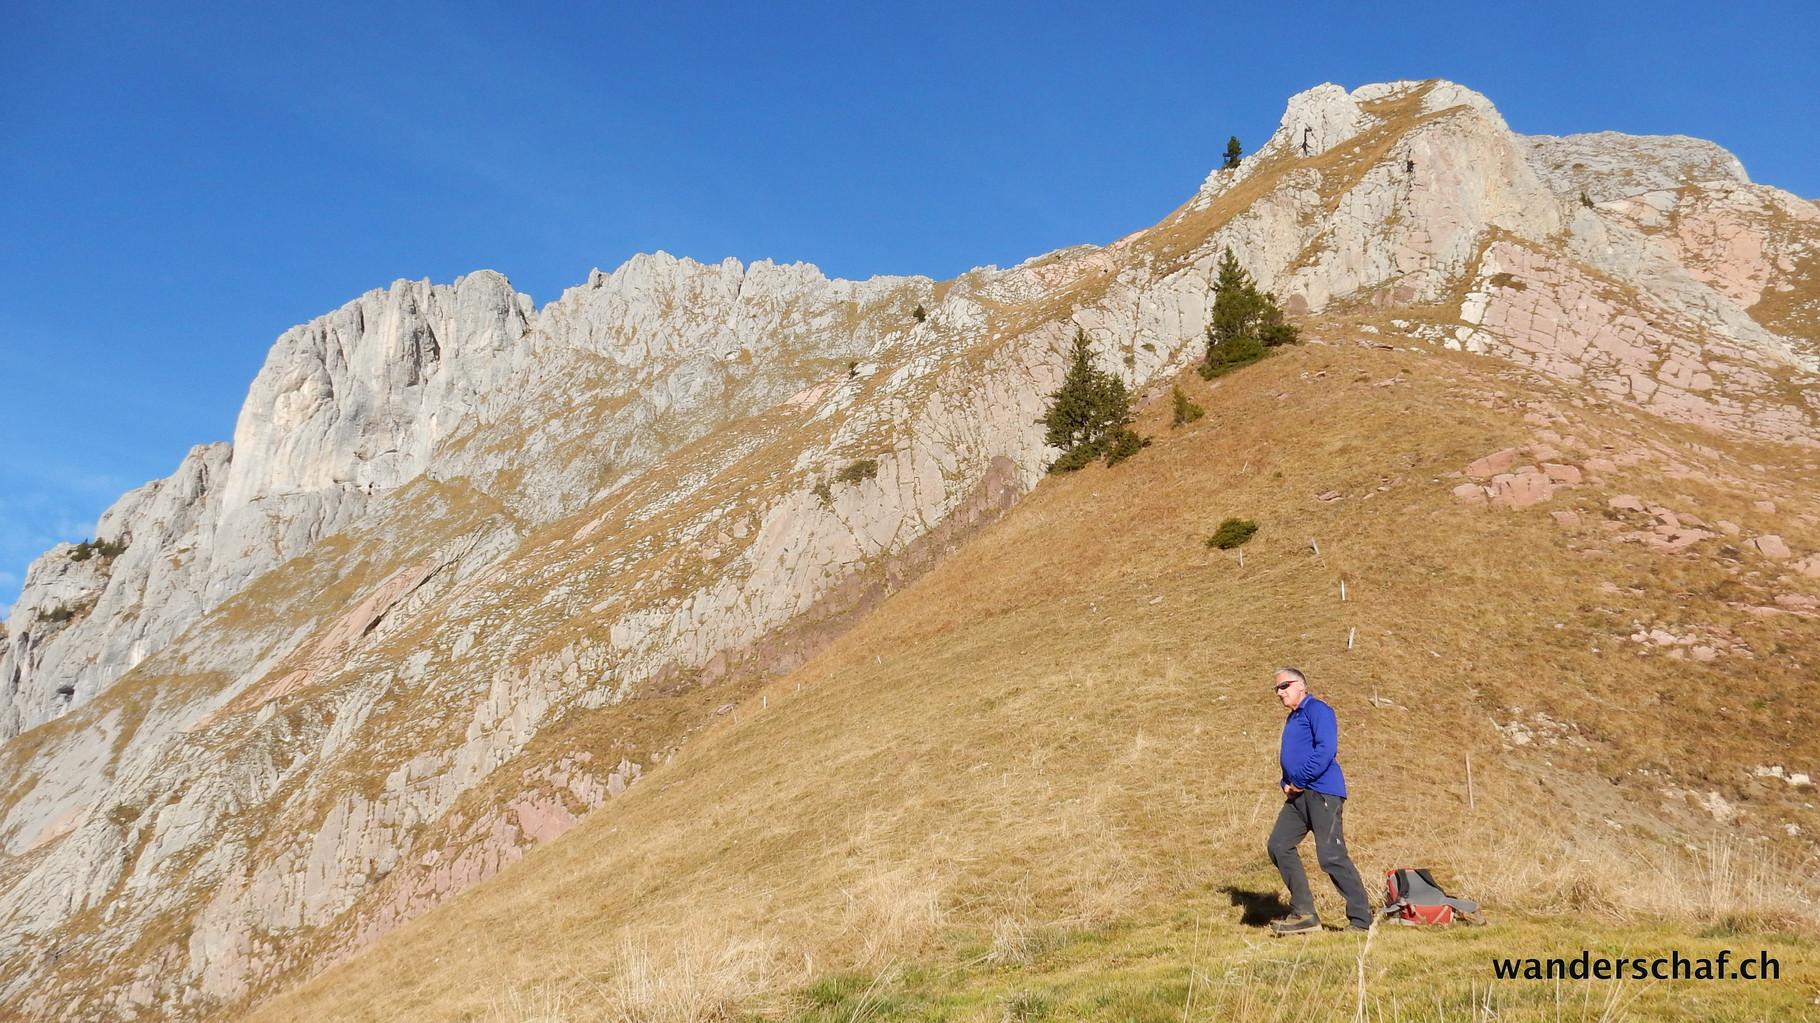 durch diesen Hang geht's hinauf zum Felsen, wo ein Seil über die Stufe hilft